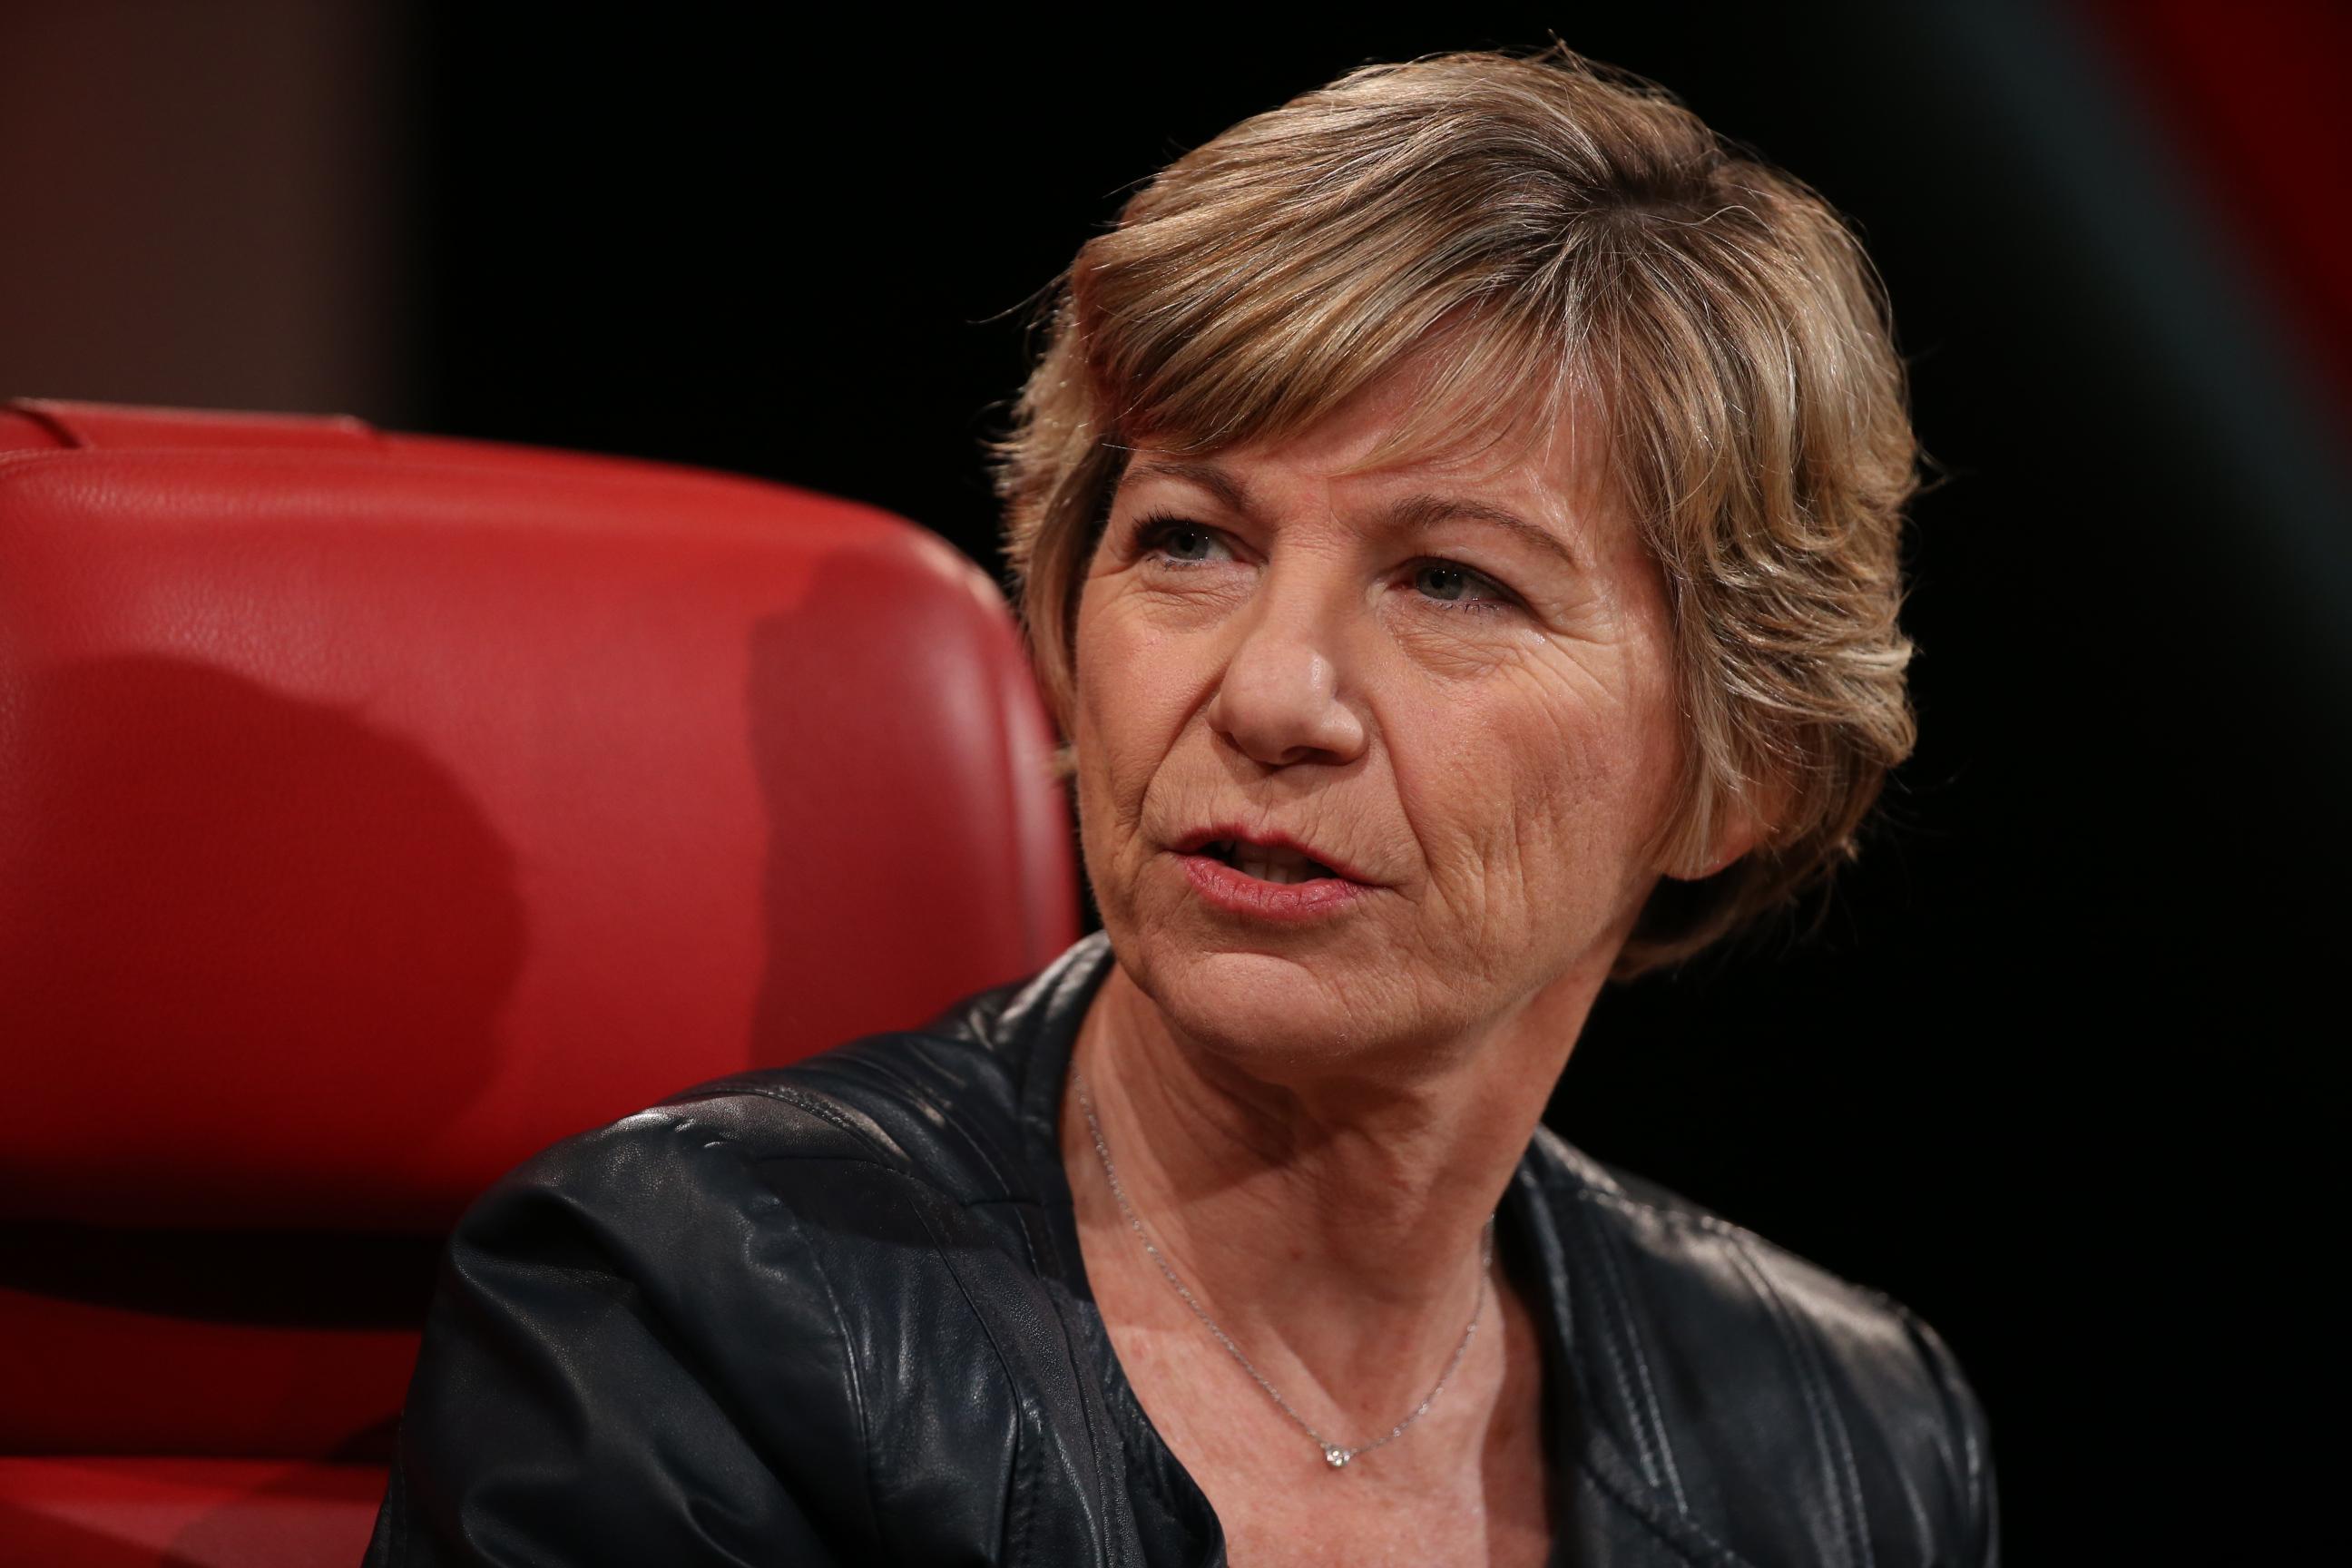 Sue Desmond-Hellmann onstage in a red chair.